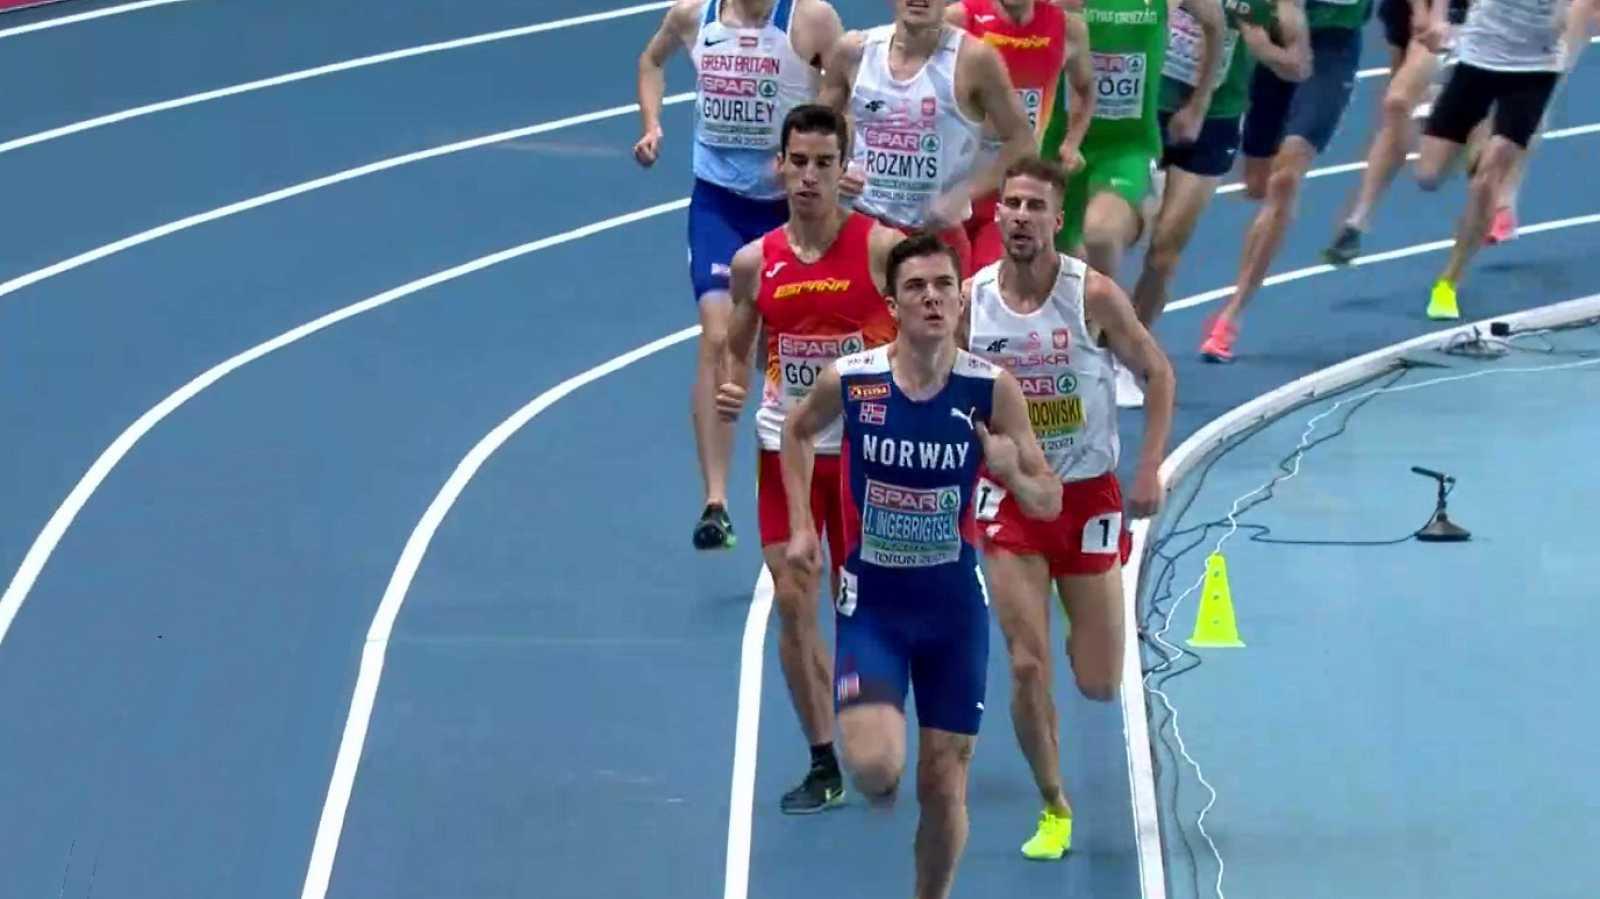 Atletismo - Campeonato de Europa Pista Cubierta. Sesión Vespertina - 05/03/21 - ver ahora